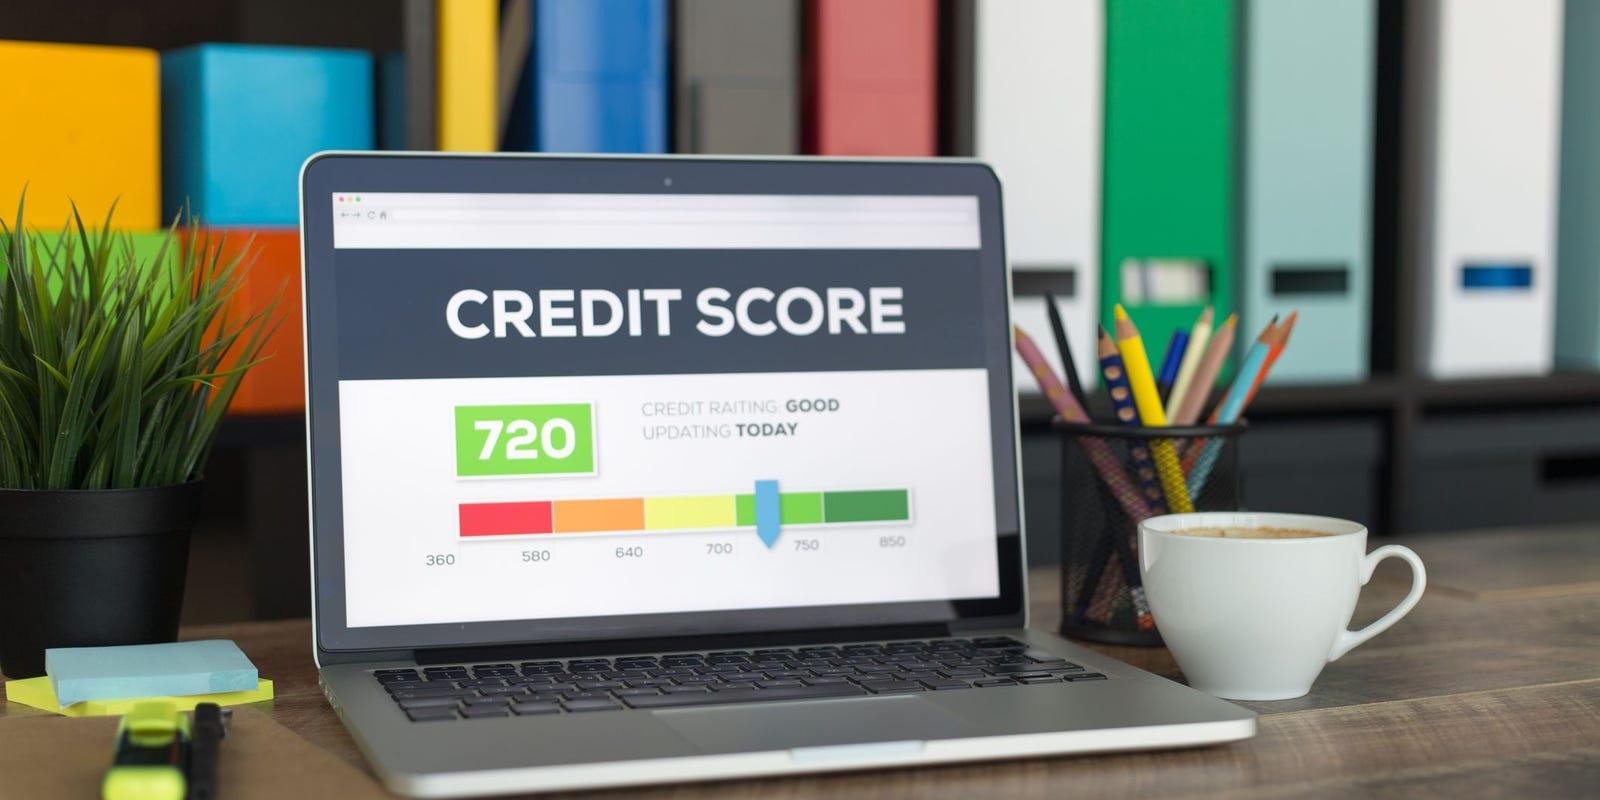 chto-takoe-kreditnyj-rejting_9